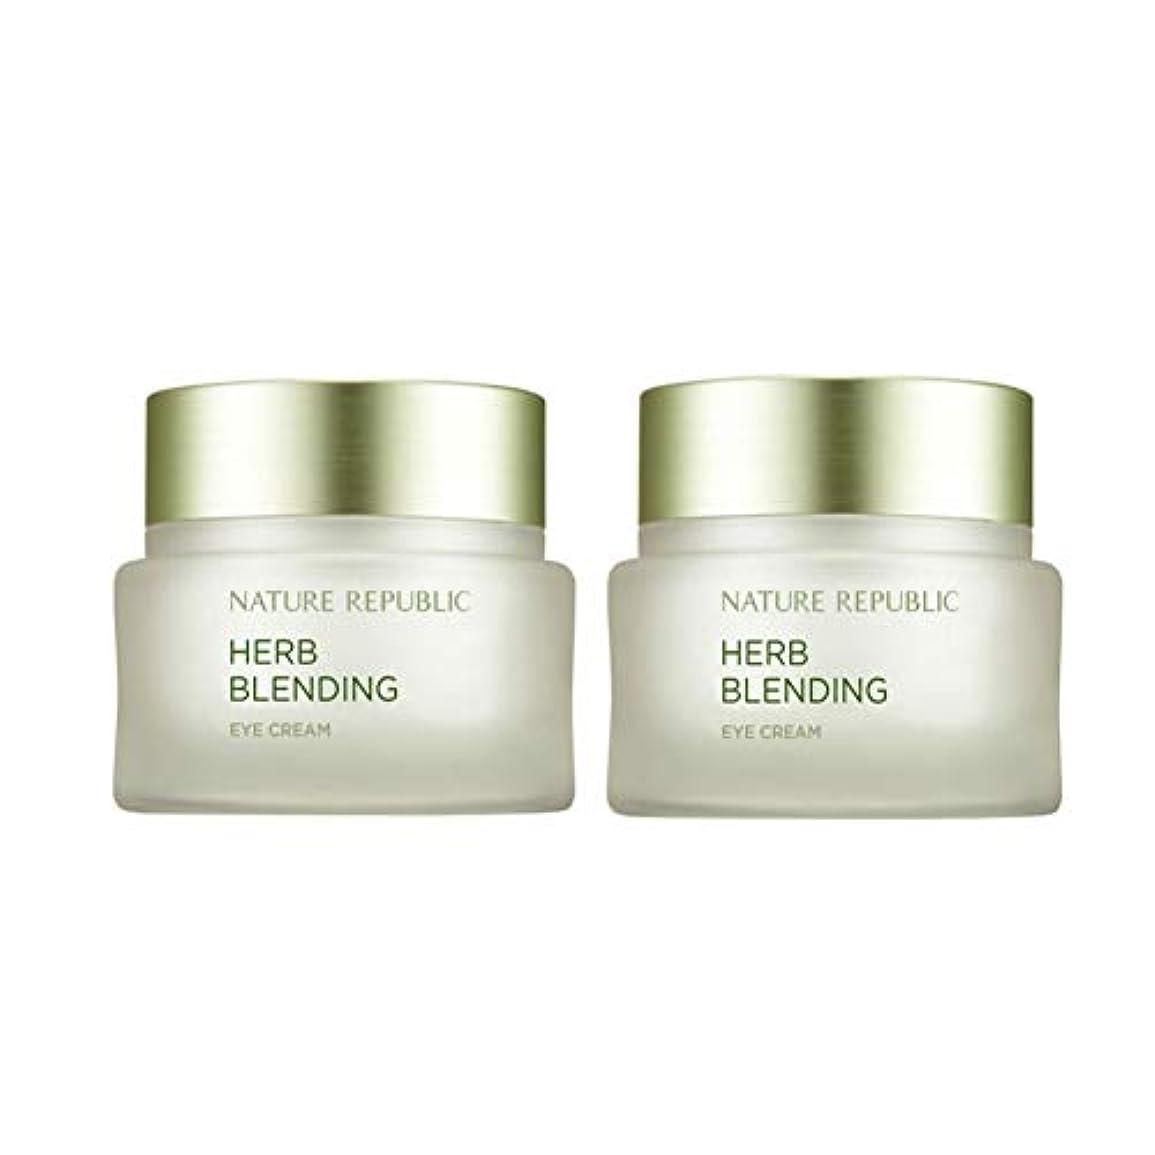 怒りうそつきエーカーネイチャーリパブリックハーブ?ブレンディングクリーム50mlx 2本セット韓国コスメ、Nature Republic Herb Blending Cream 50ml x 2ea Set Korean Cosmetics...